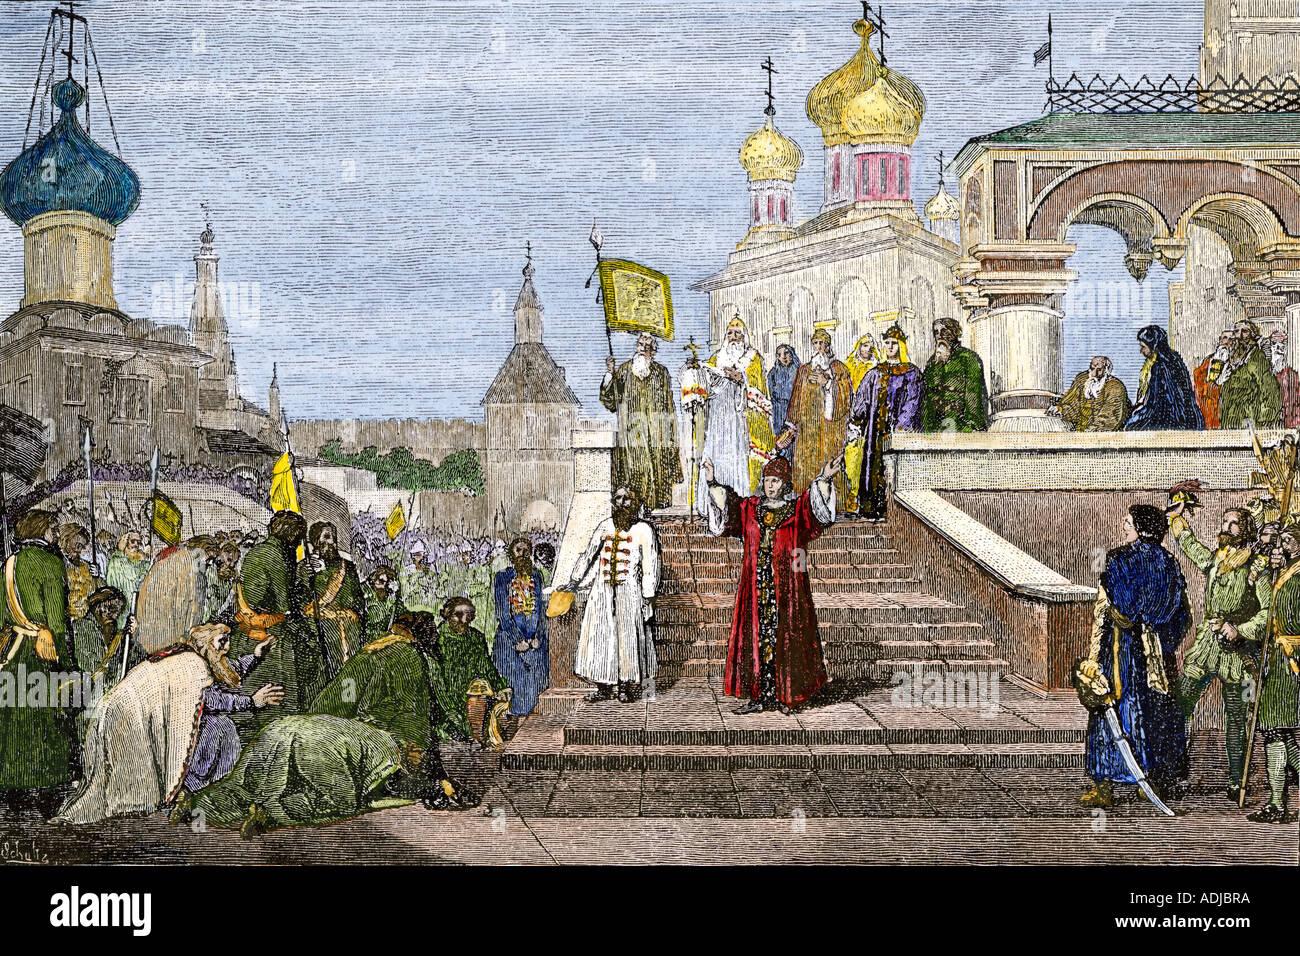 Le tsar Pierre I à la réception du monastère Troitsa les députations des Streltsi. La main, d'une illustration de demi-teinte Photo Stock